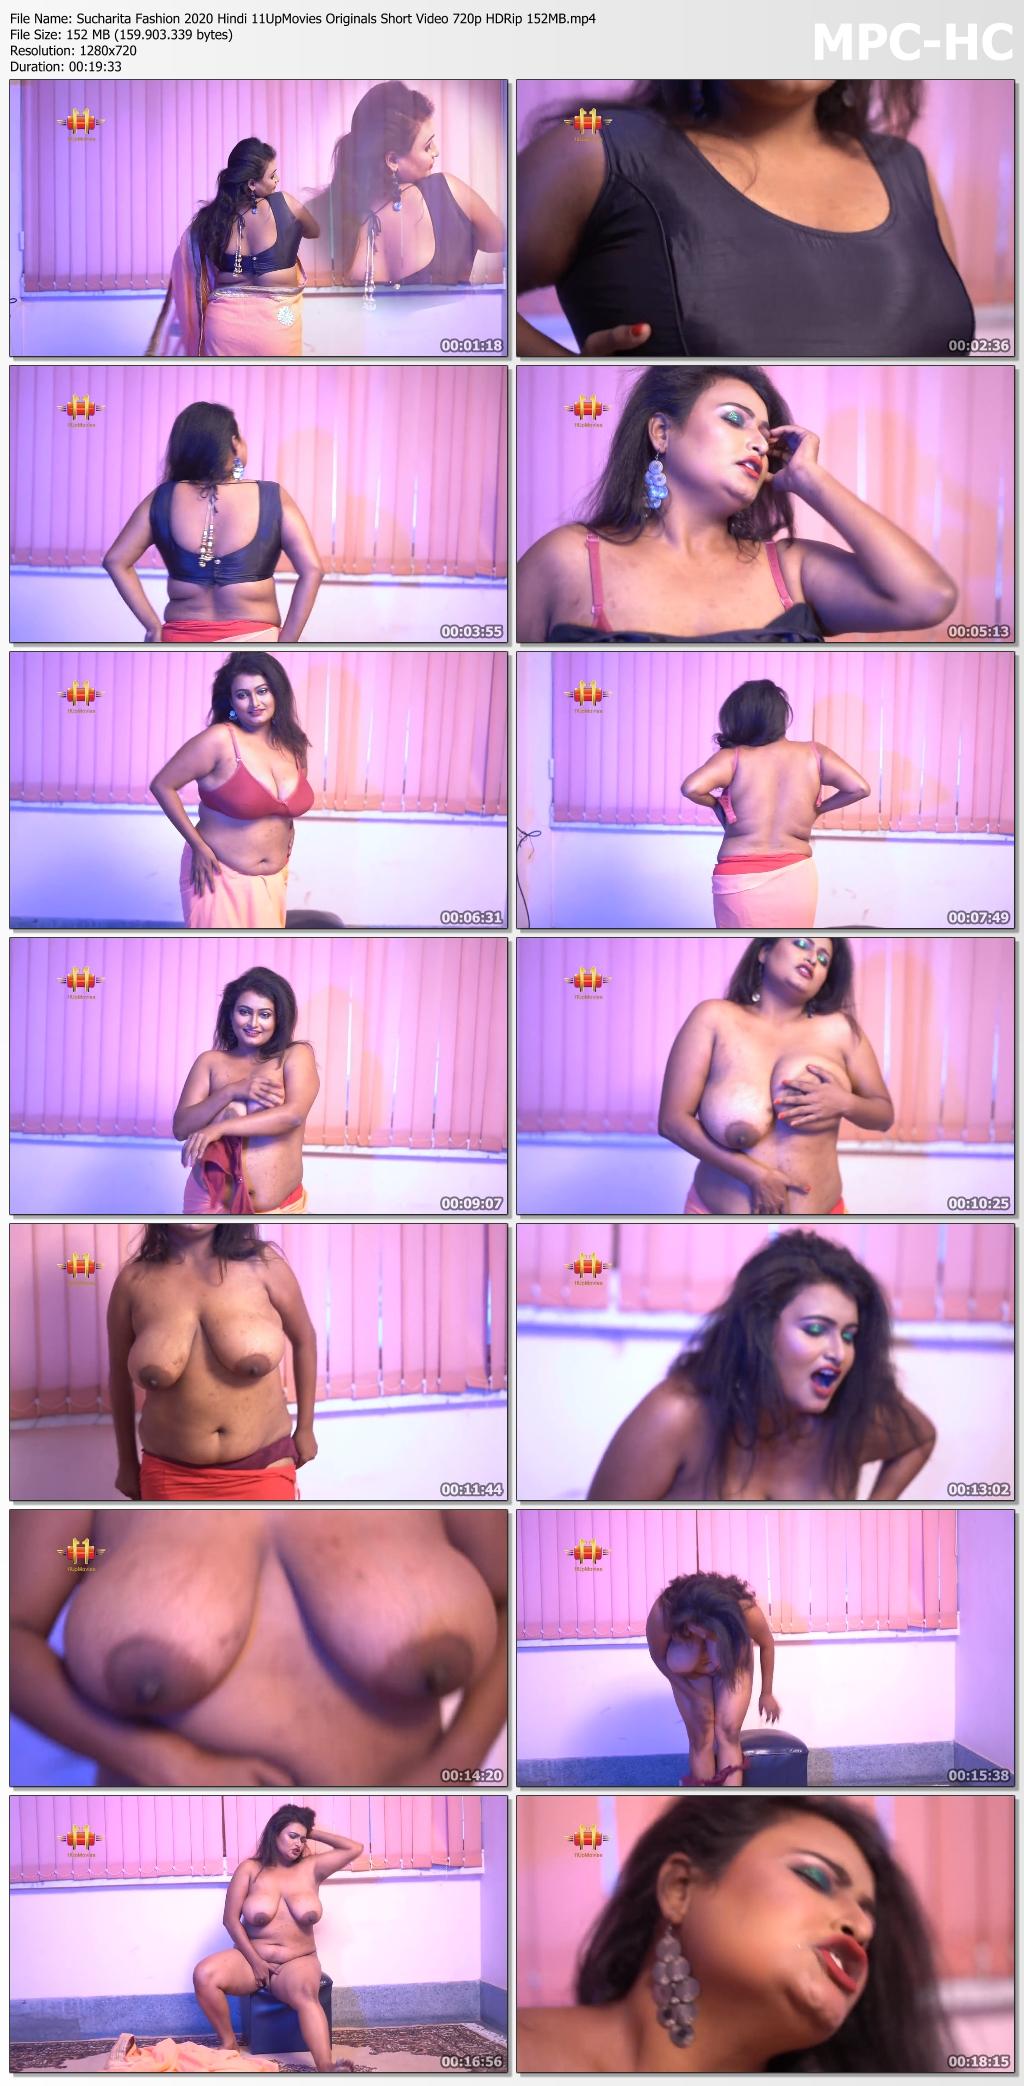 Sucharita-Fashion-2020-Hindi-11-Up-Movies-Originals-Short-Video-720p-HDRip-152-MB-mp4-thumbs